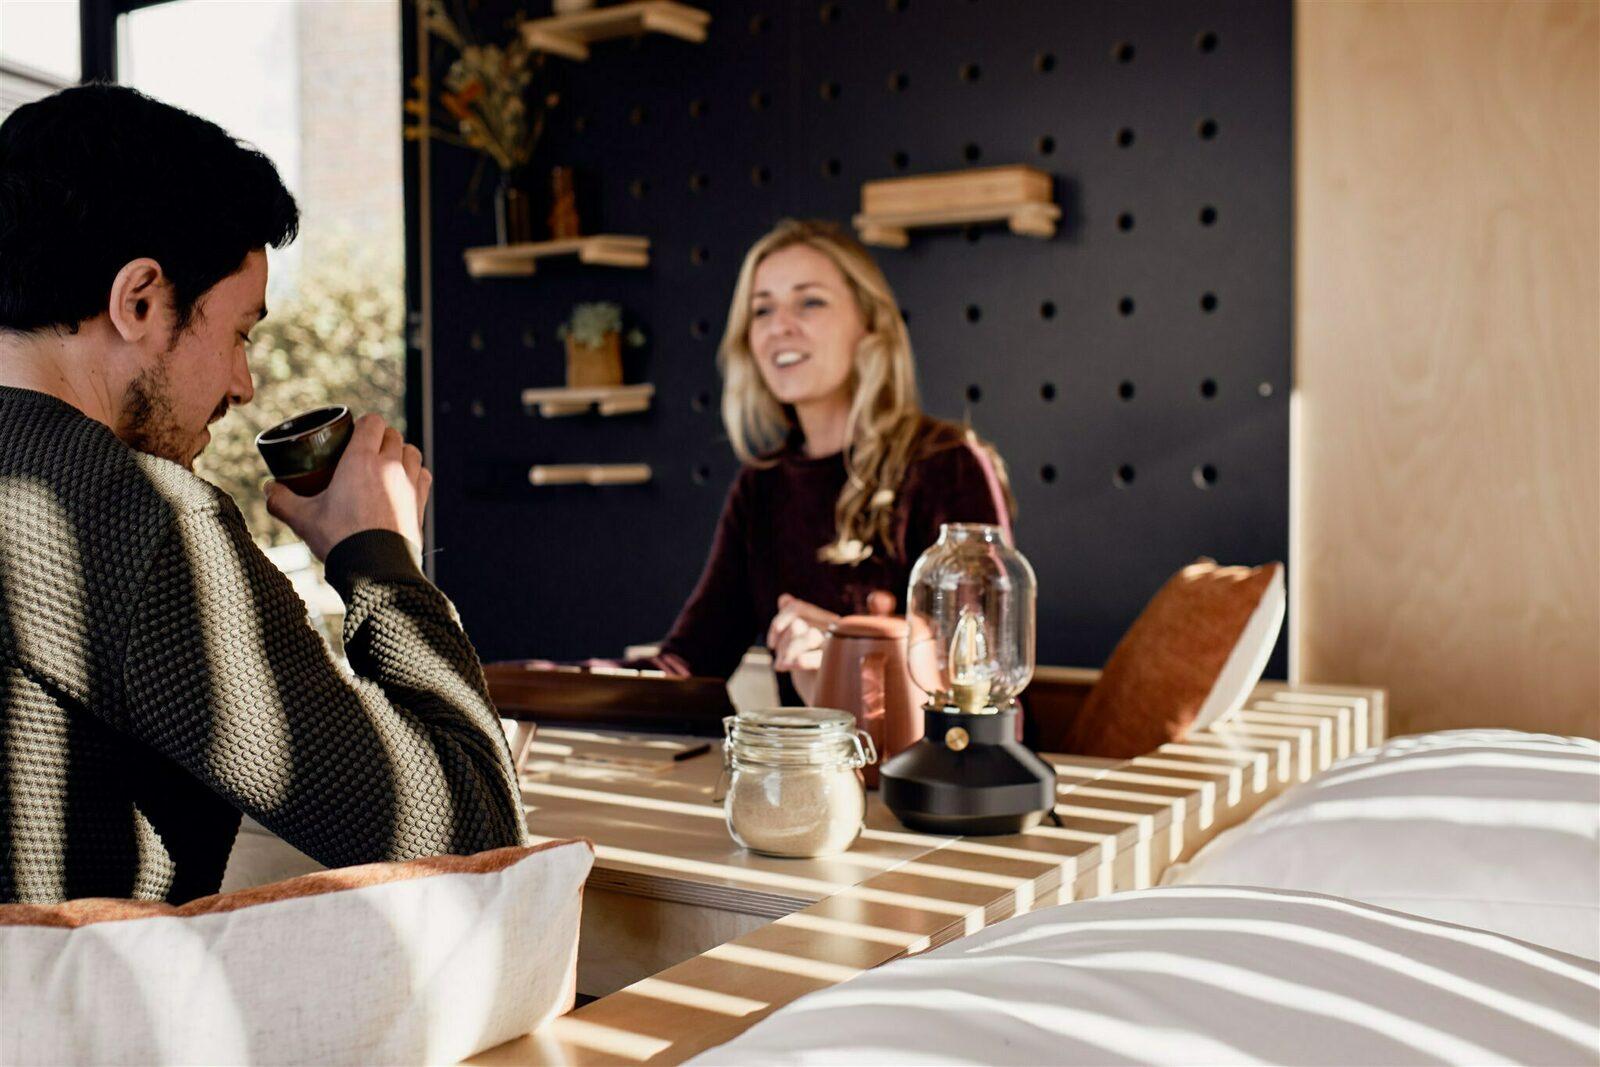 VrijHavenhuisje | BuitenThuis 'all-in' arrangement